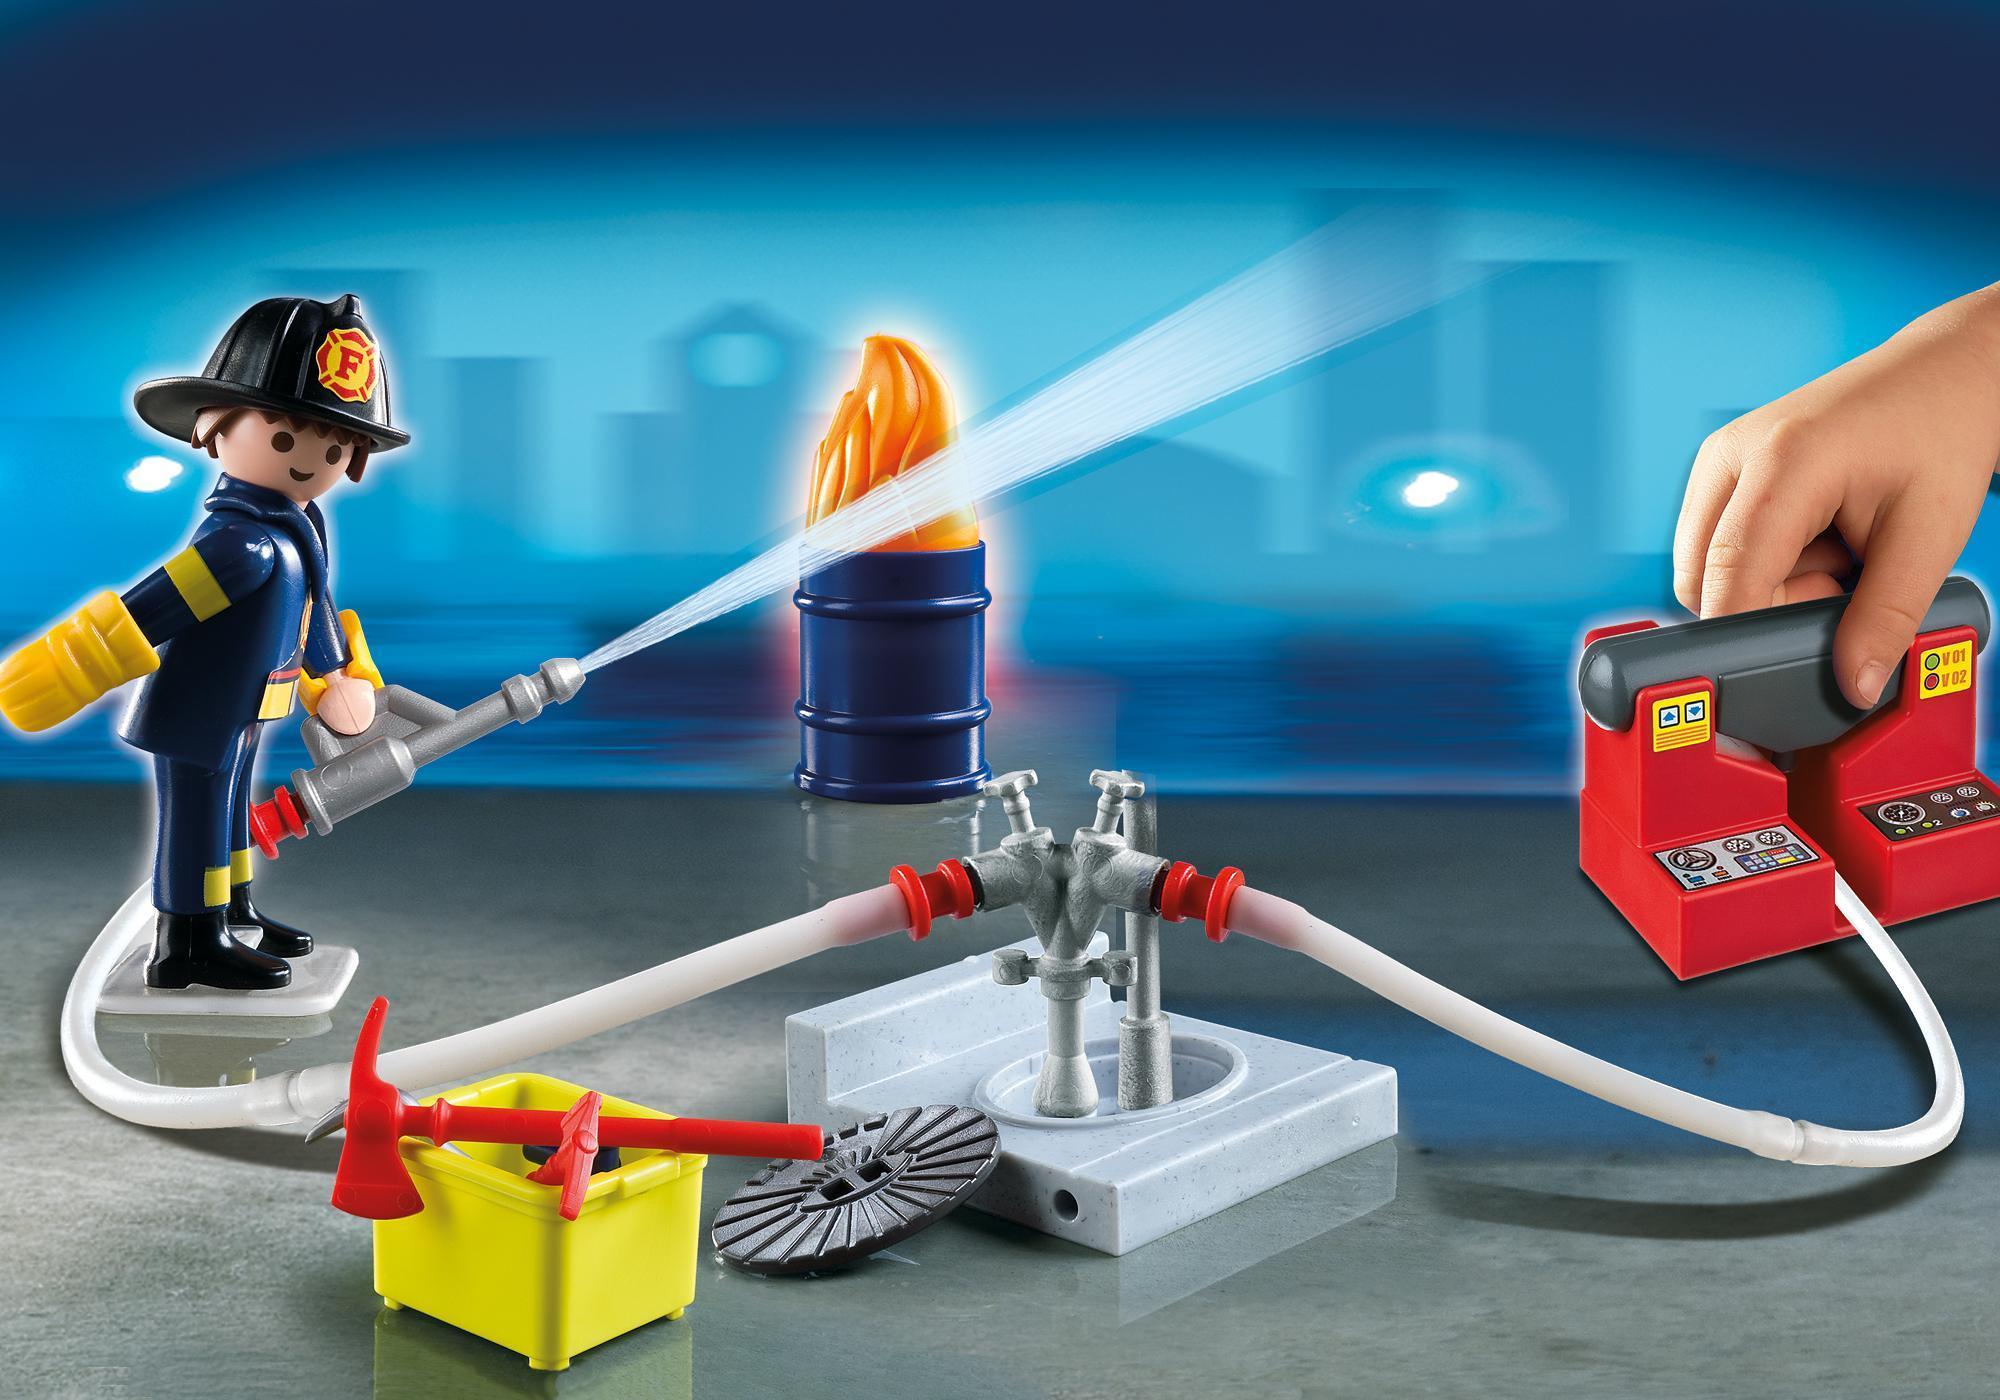 http://media.playmobil.com/i/playmobil/5651_product_extra1/Fire Rescue Carry Case